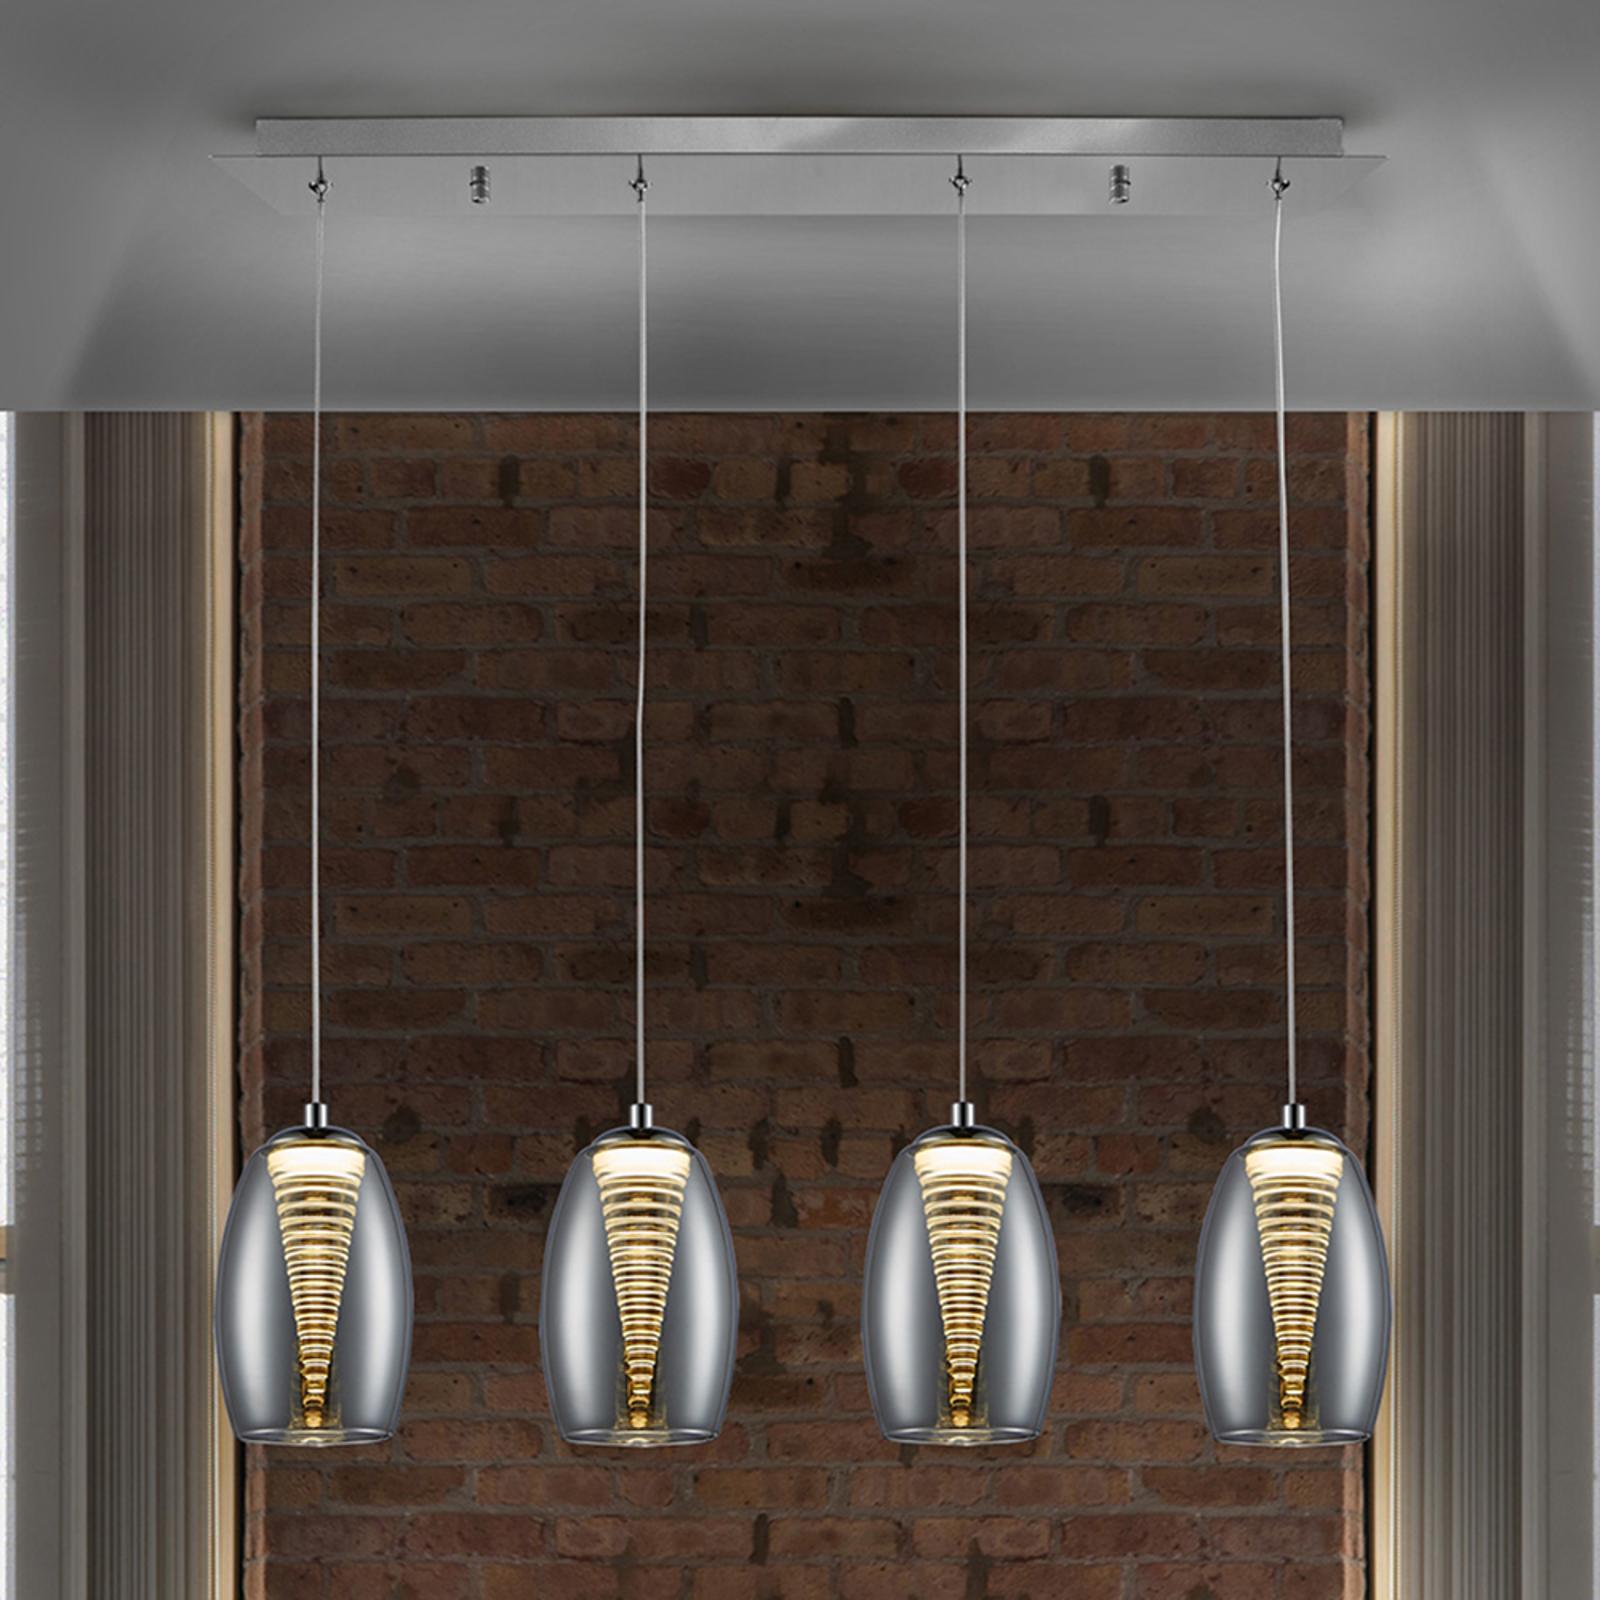 LED-riippuvalaisin Nébula, nelilamppuinen